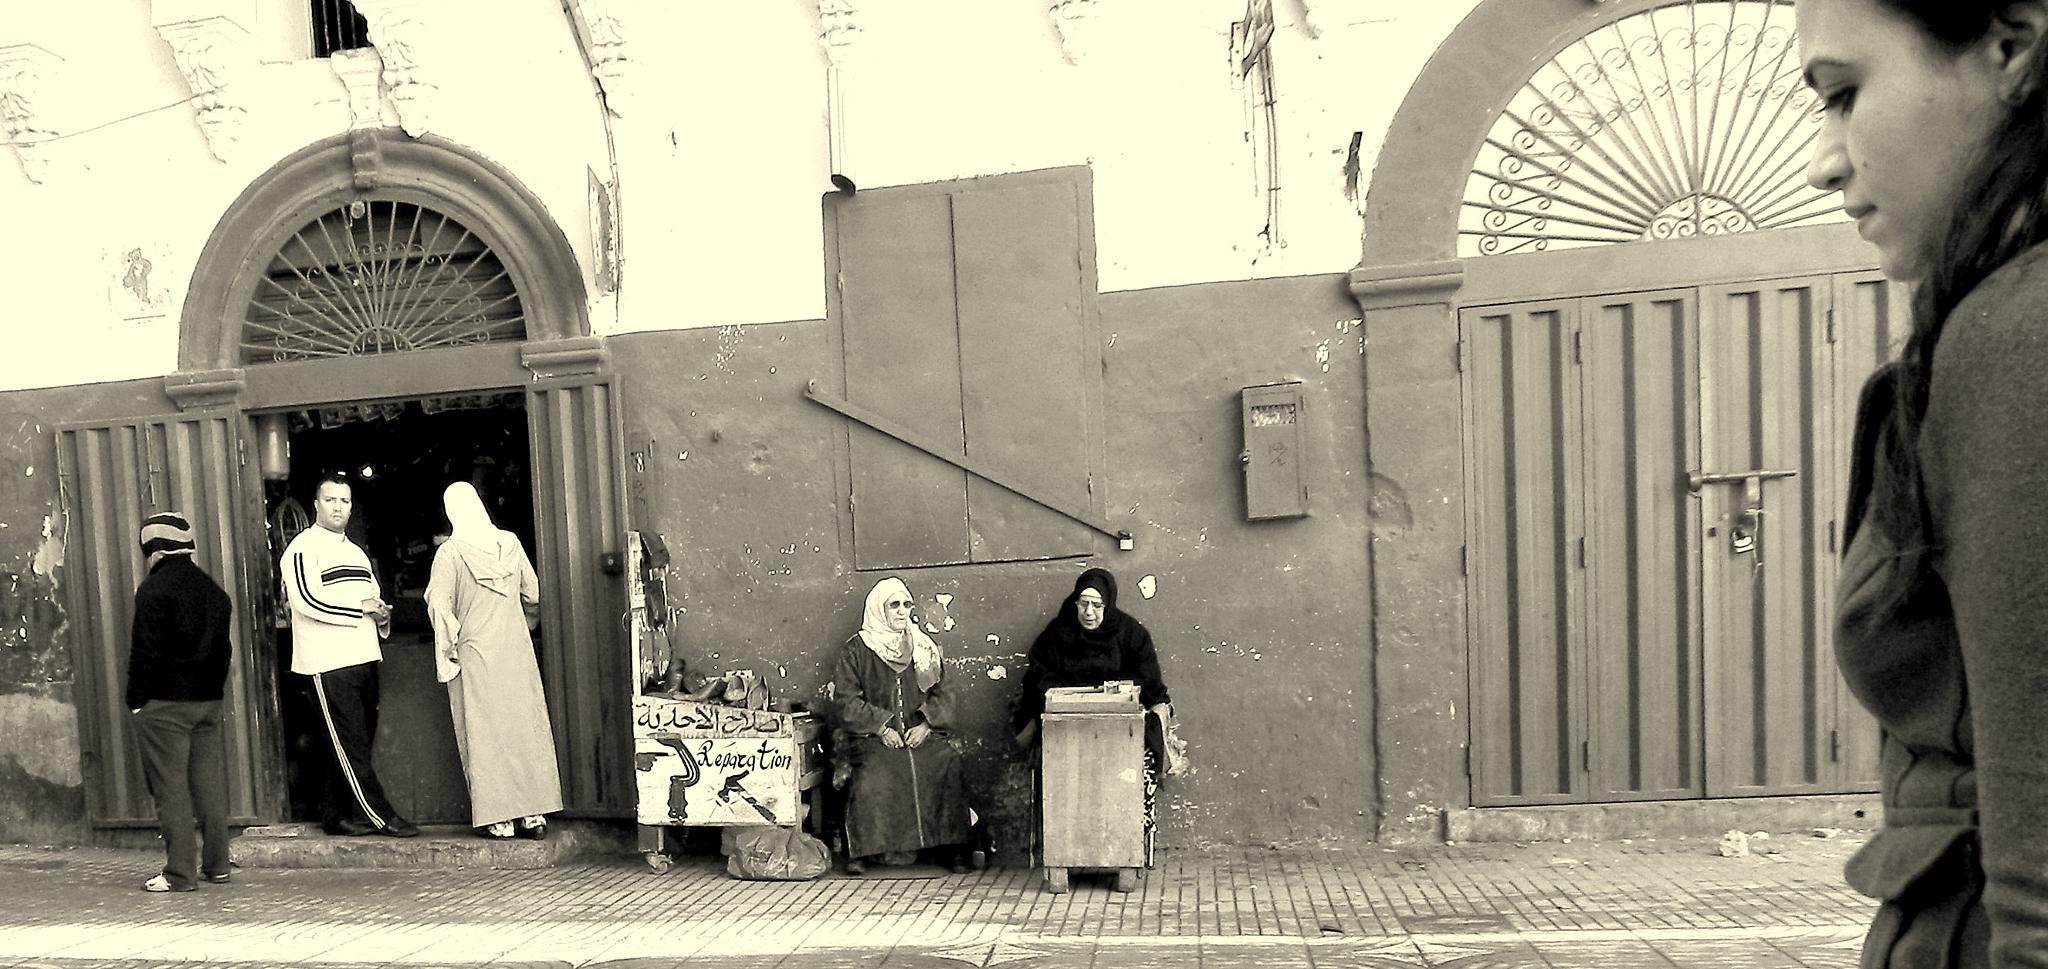 Calle de Casablanca by LAMAC